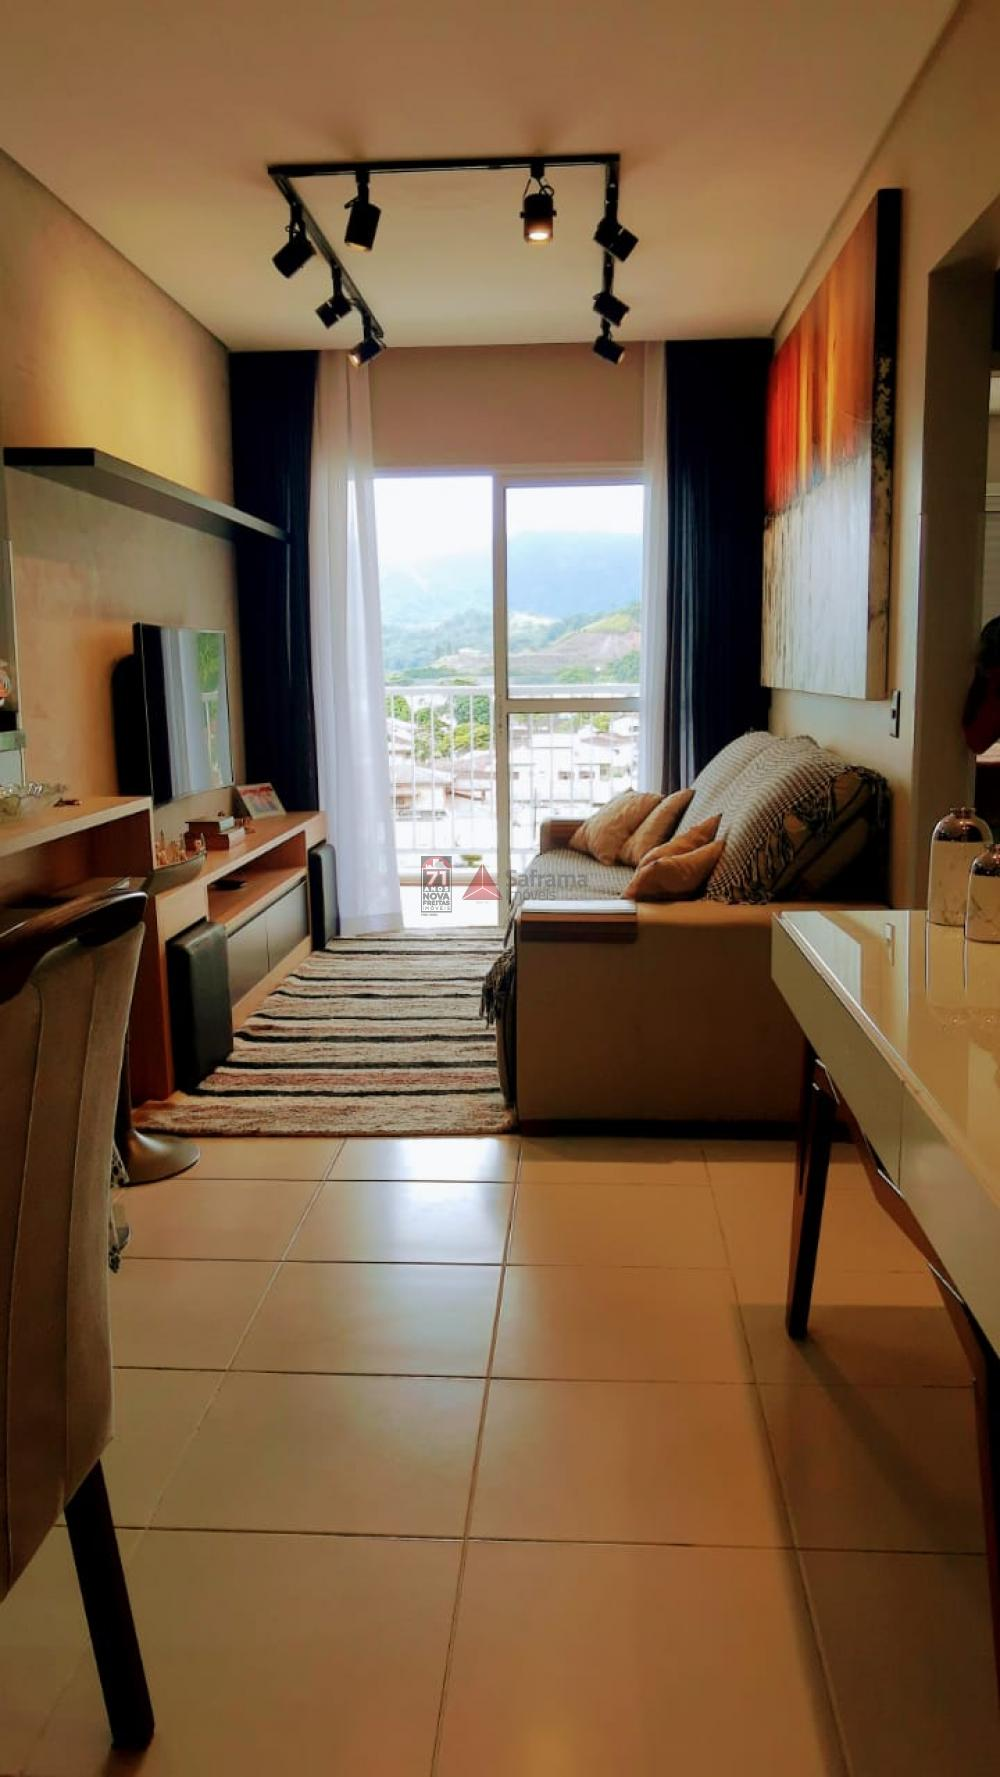 Comprar Apartamento / Padrão em Caraguatatuba apenas R$ 310.000,00 - Foto 2